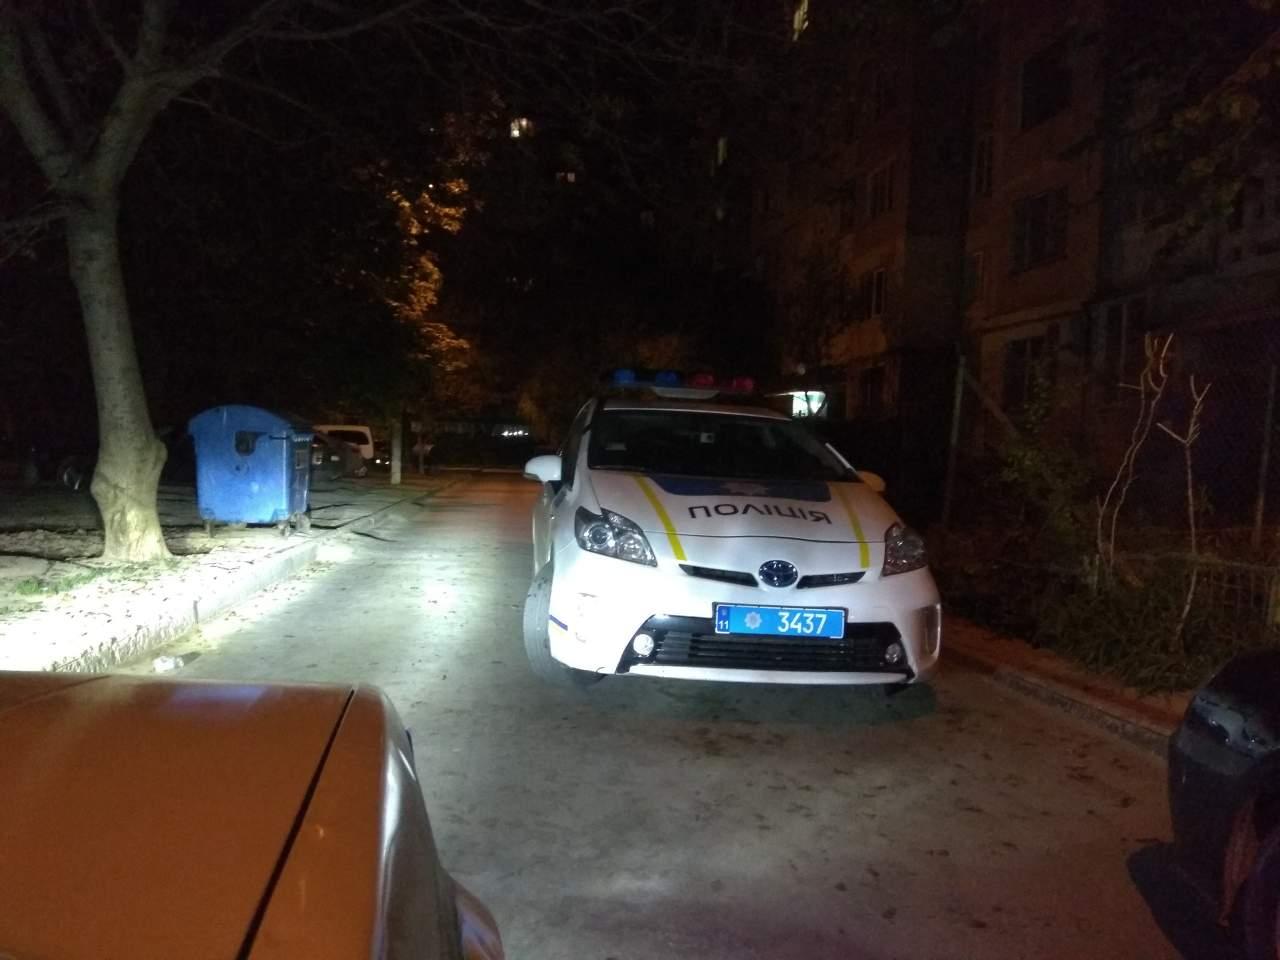 «Где припарковался, там и бросил»: В Одессе патрульный заблокировал проезд для других машин (фото)